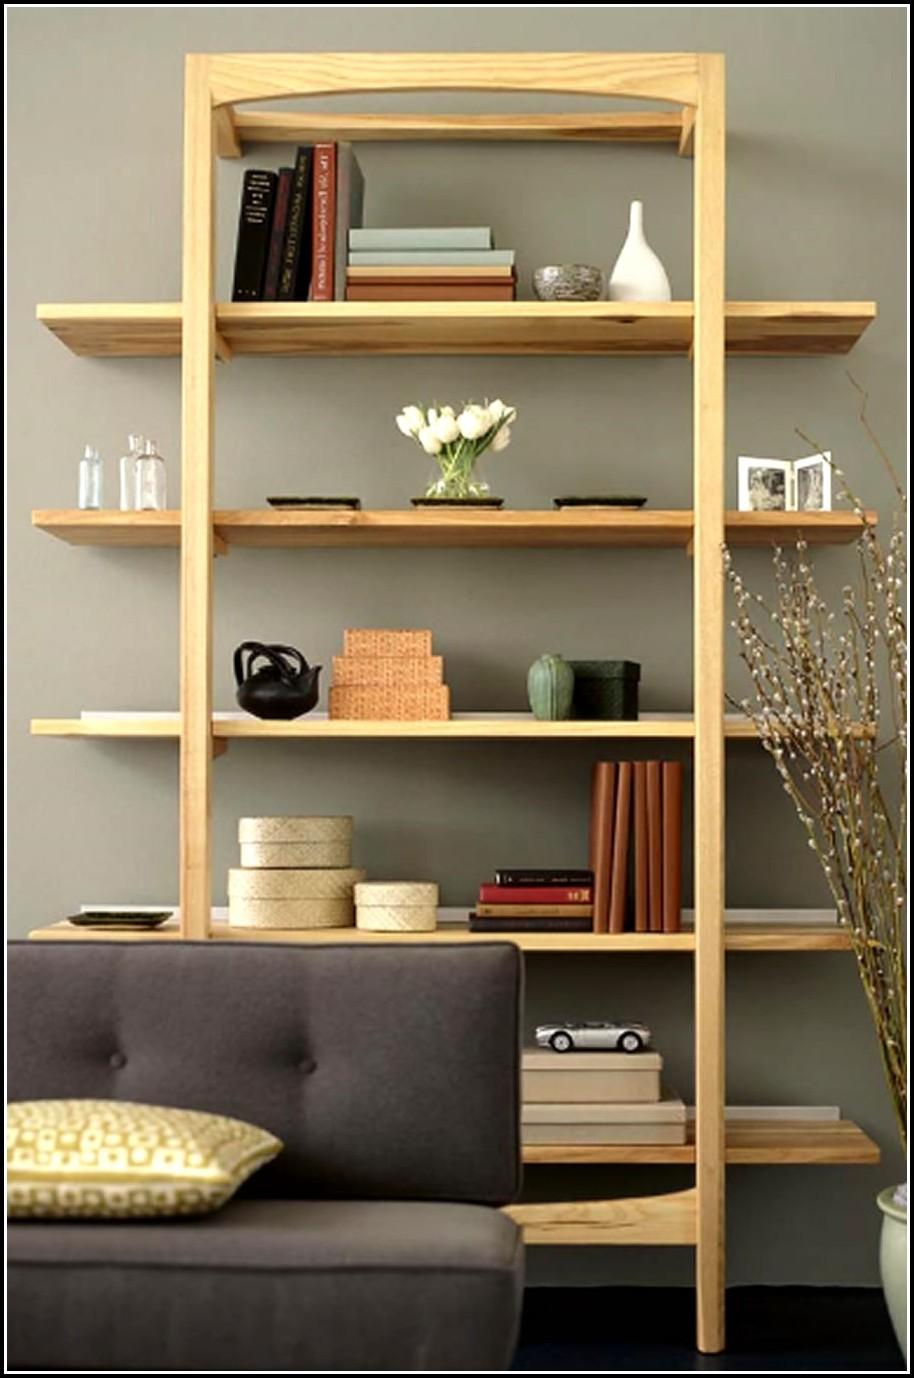 deko f r wohnzimmer regal wohnzimmer house und dekor galerie qrw1m0gwdp. Black Bedroom Furniture Sets. Home Design Ideas